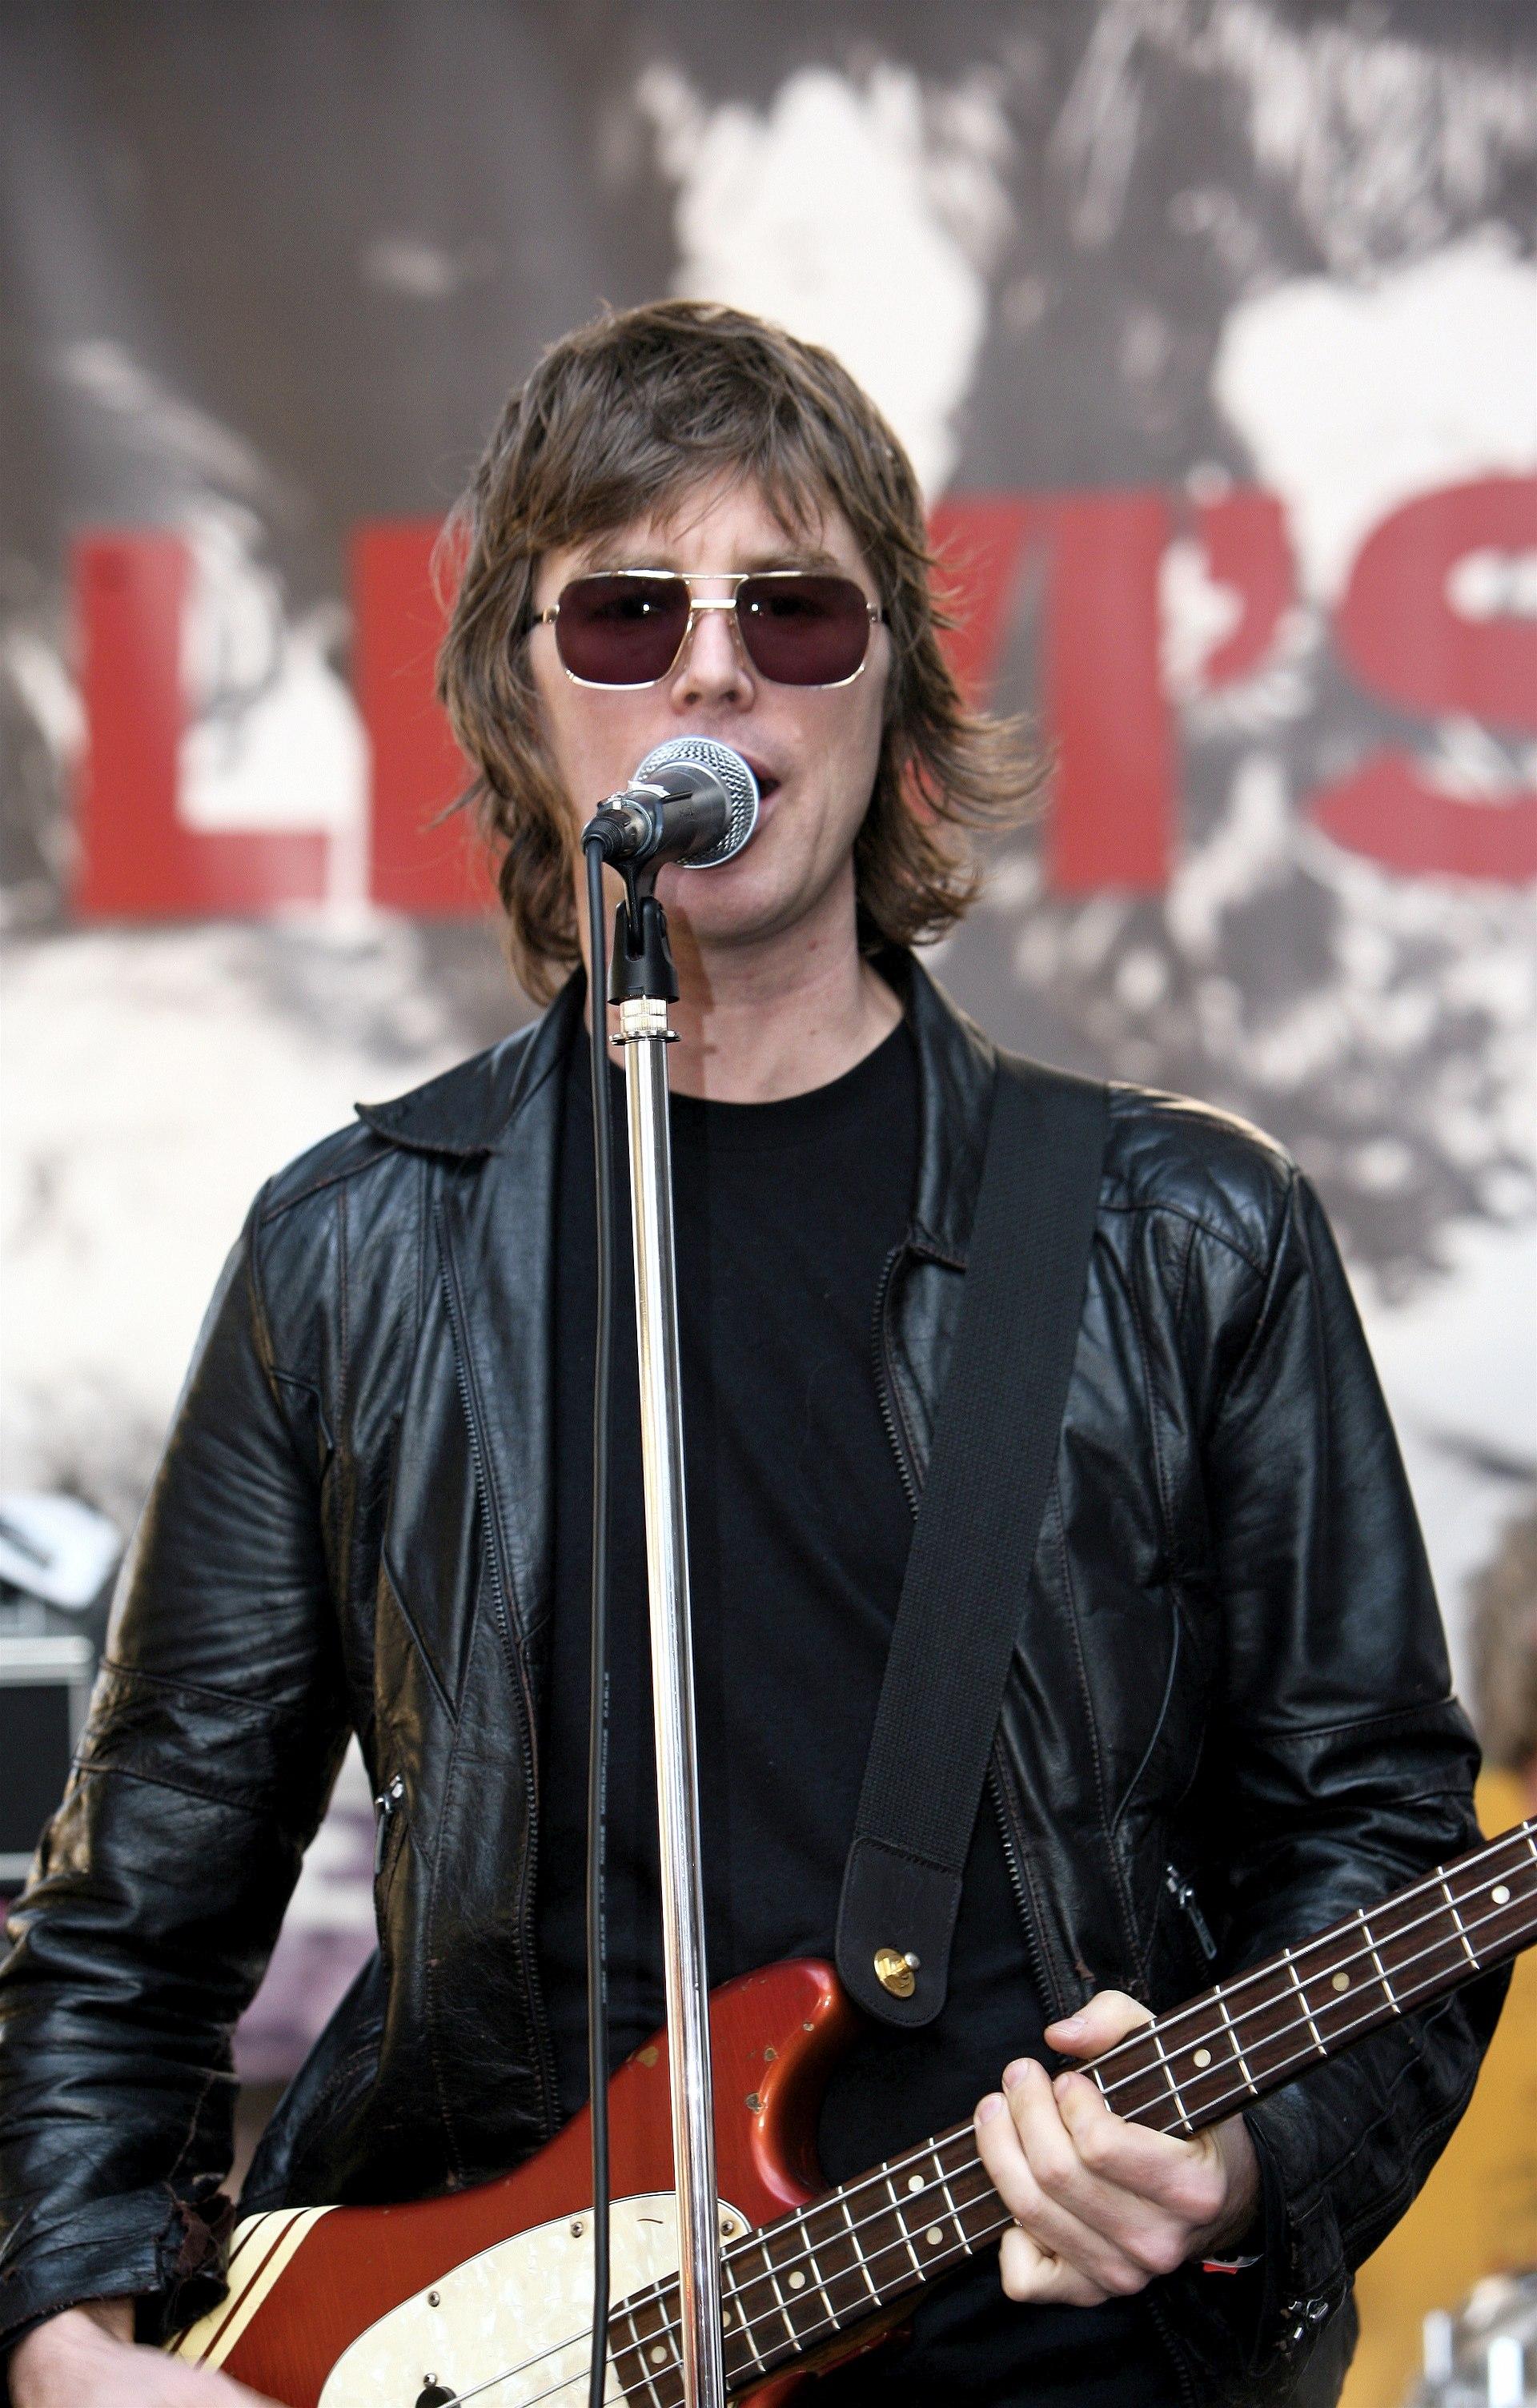 Sloan (band) - Wikiped...